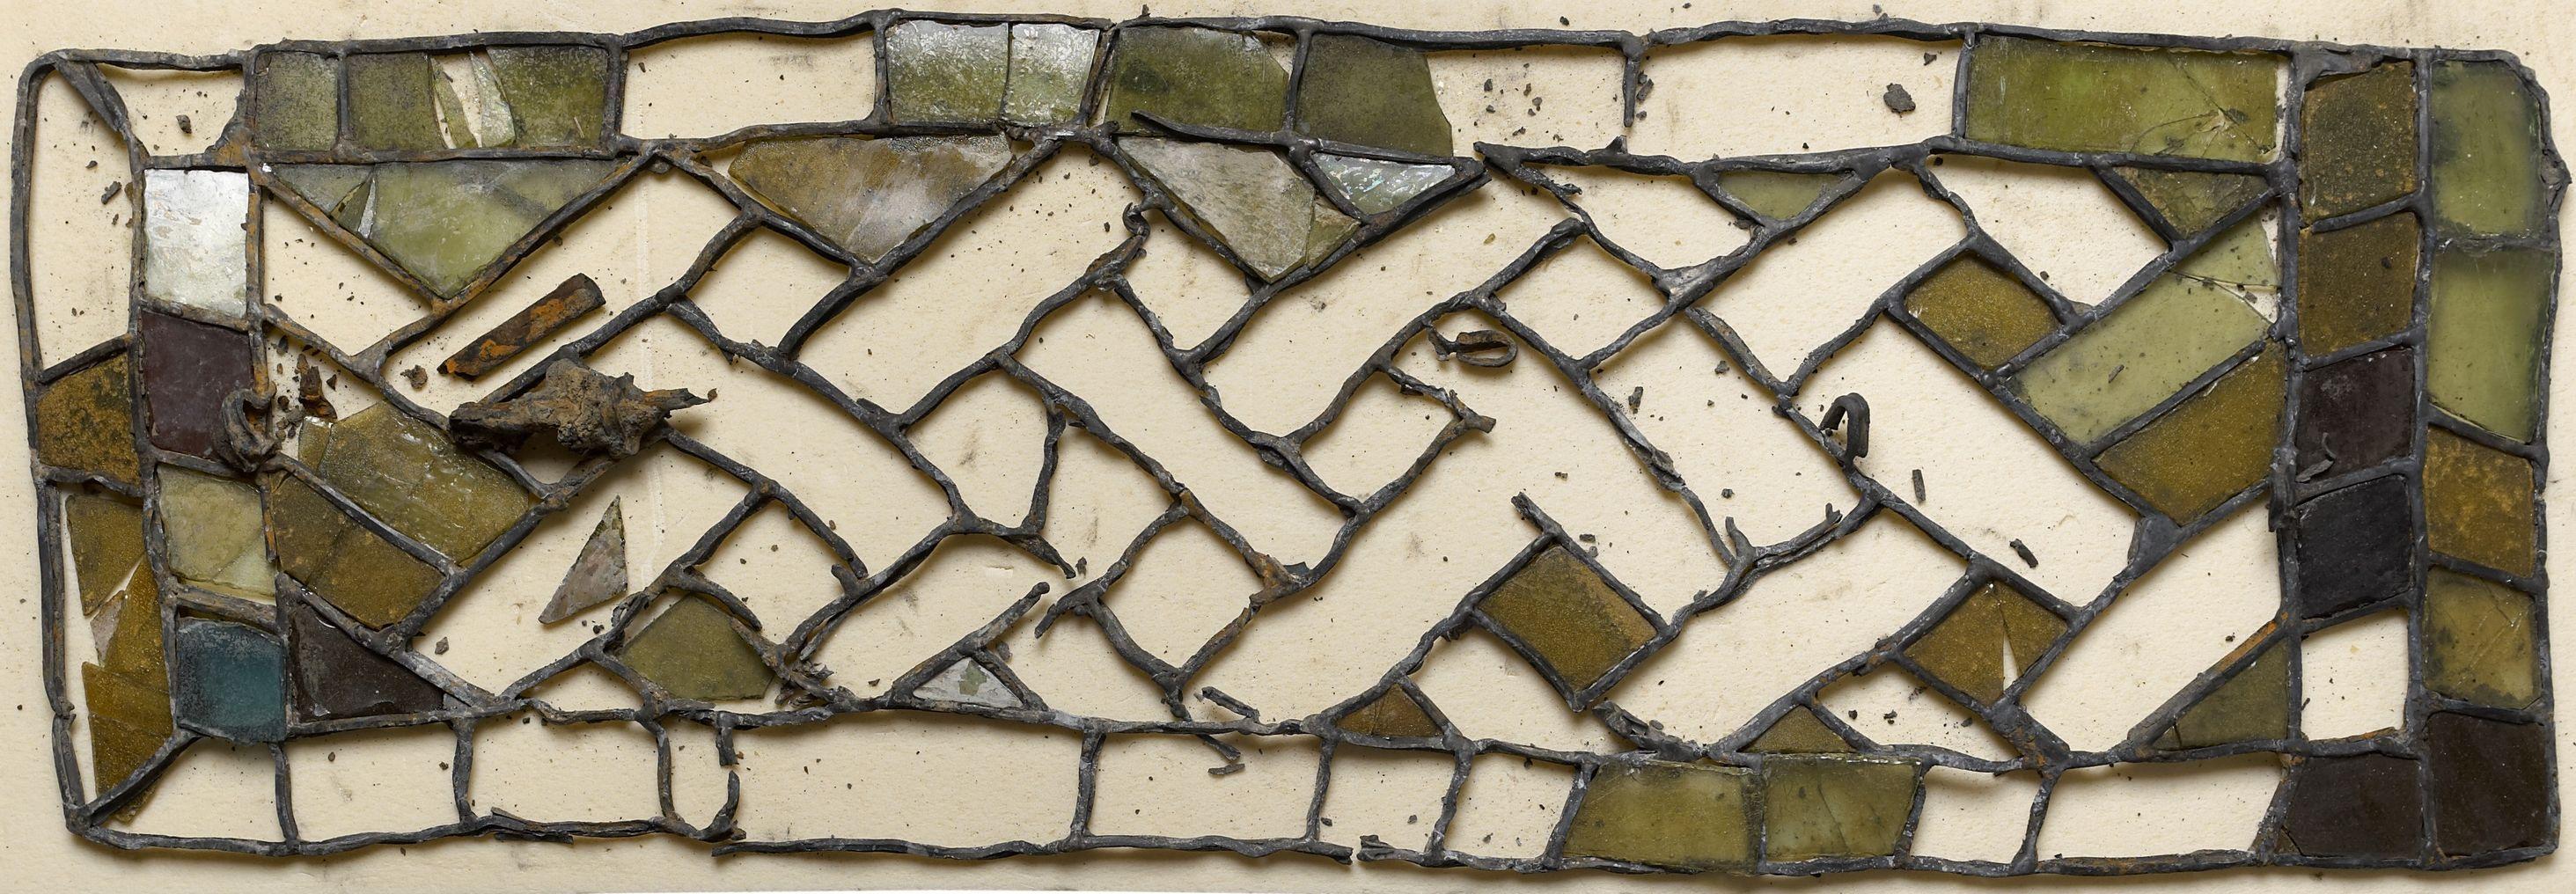 Glas In Lood Zierikzee.De Archeologische Resultaten Van Nobelgate Zeeuwse Ankers